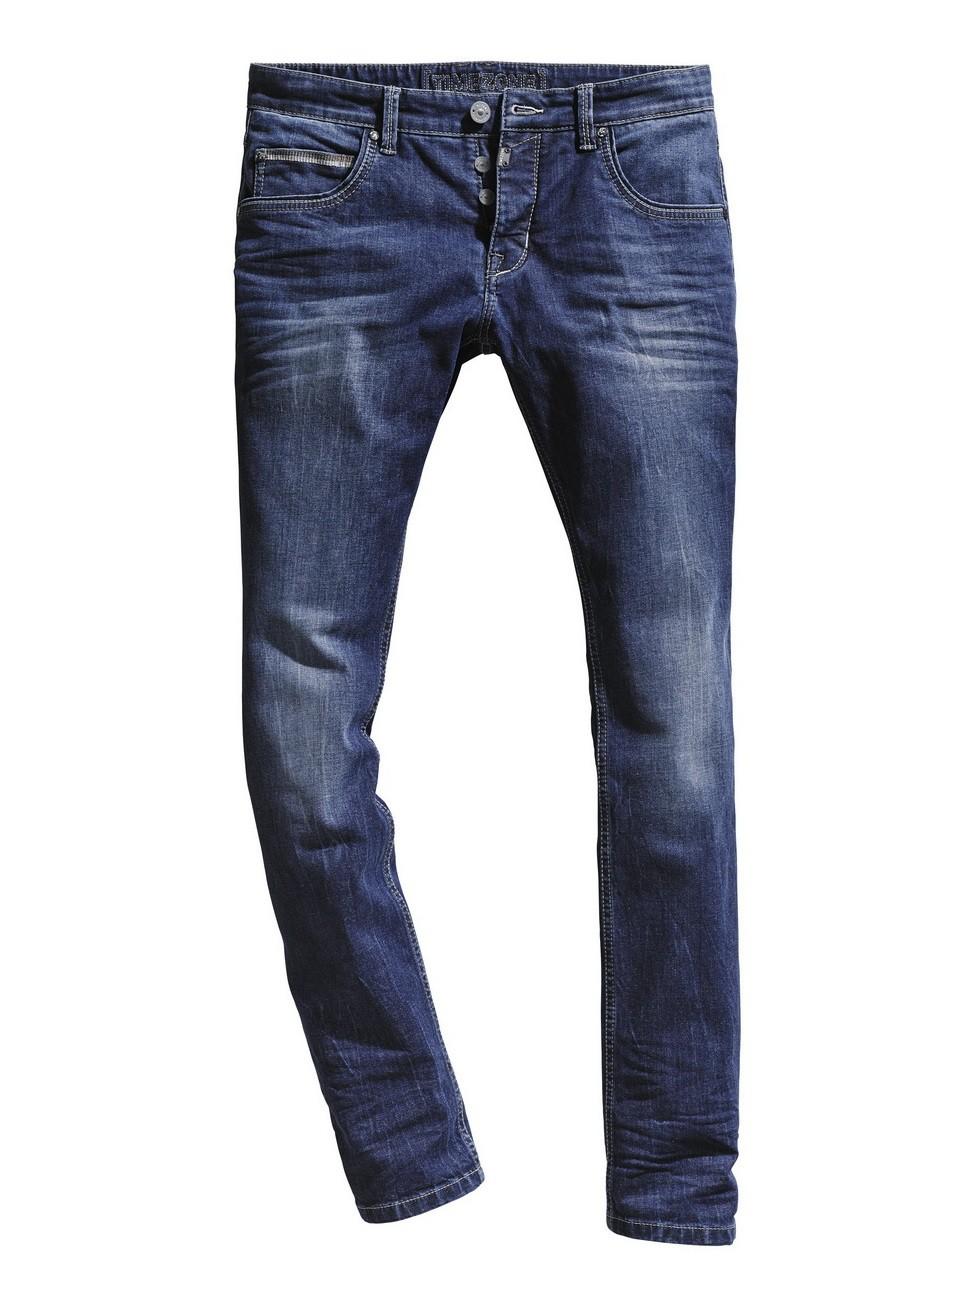 timezone herren jeans edotz slim fit surfer wash. Black Bedroom Furniture Sets. Home Design Ideas